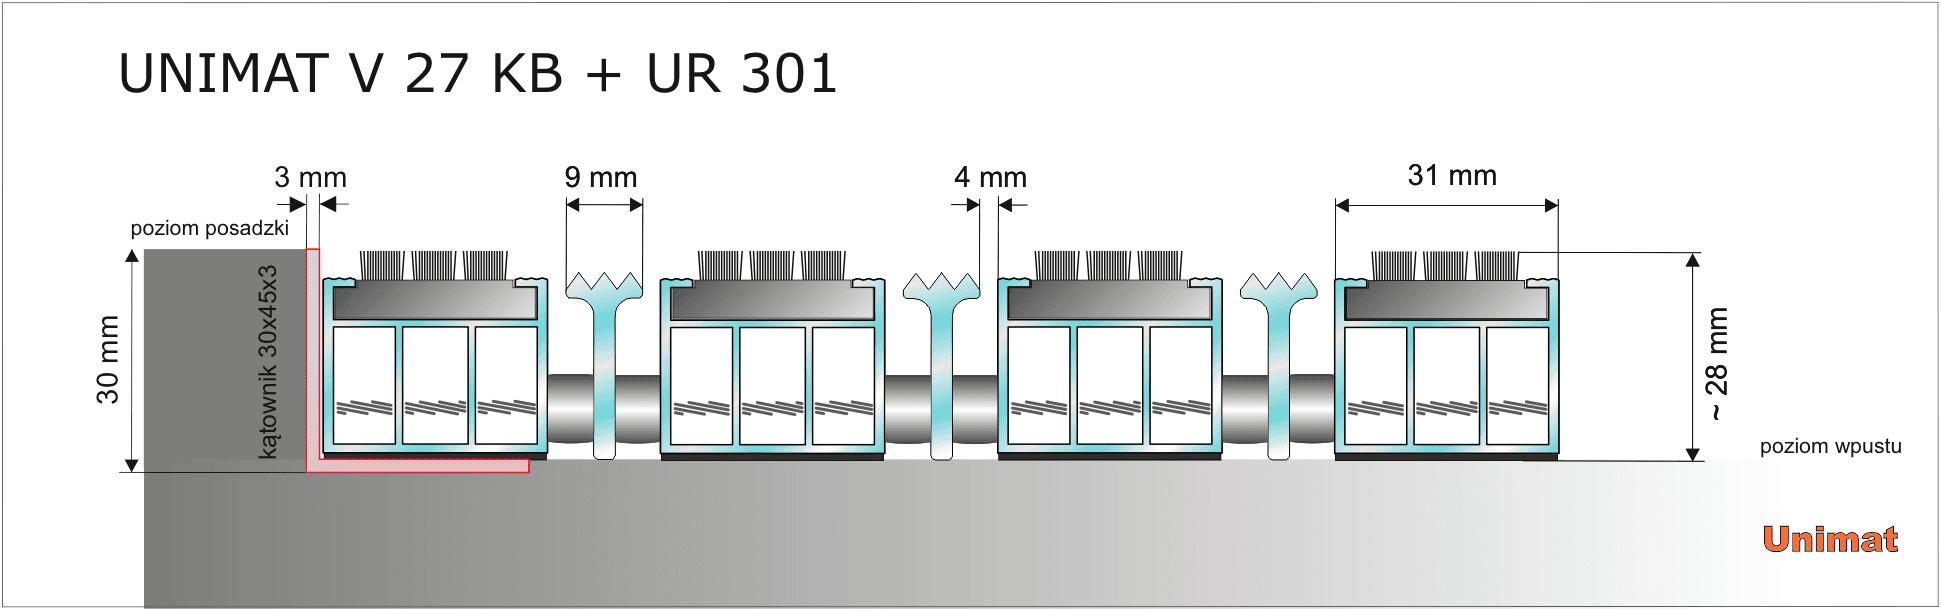 Unimat V 27 KB + UR301.png